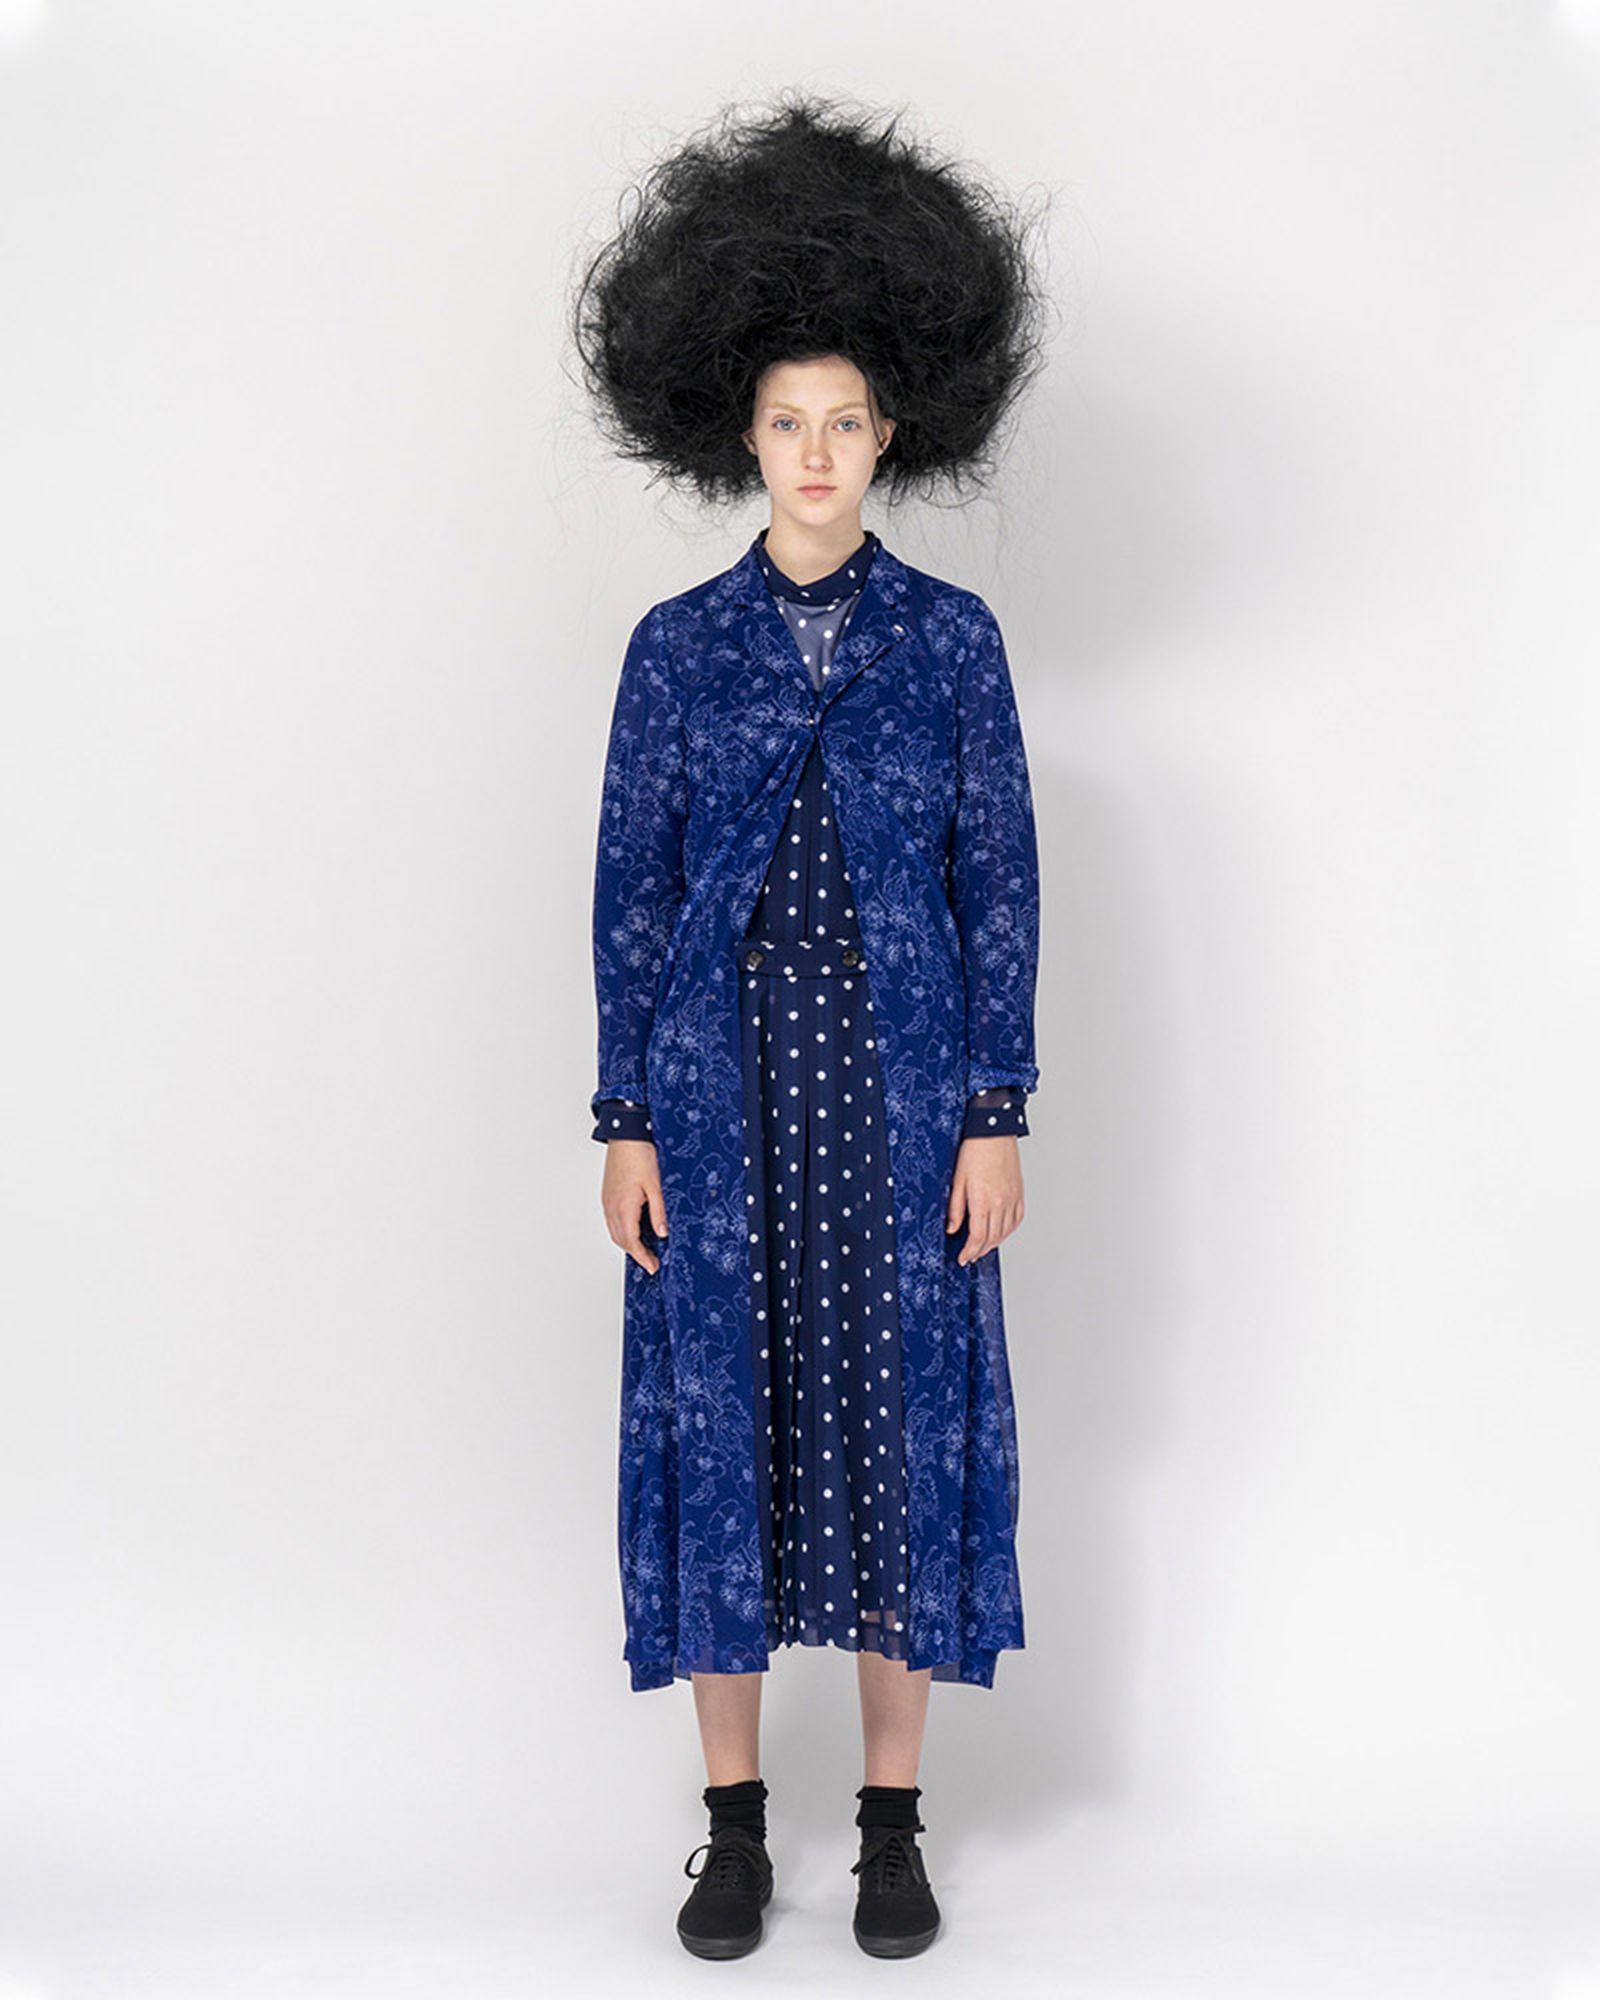 Commes De Garcons Dress on a model